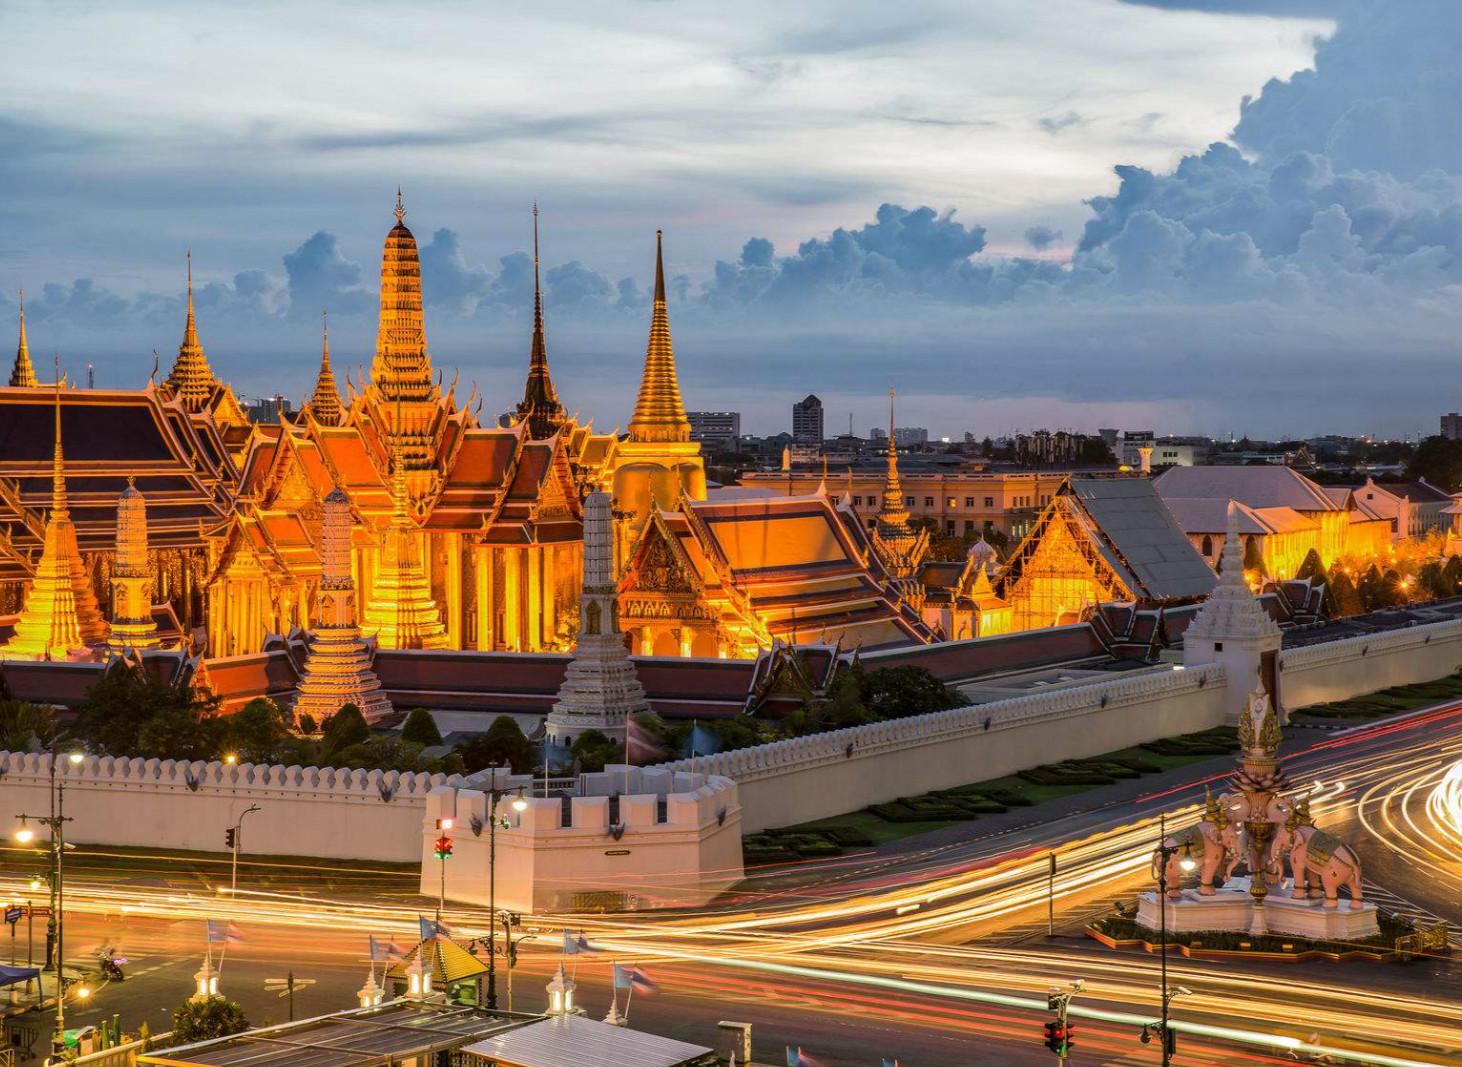 """泰国旅游线路泰国拥有海岛、美食与独特的文化,素有""""佛教之国""""的美誉。"""